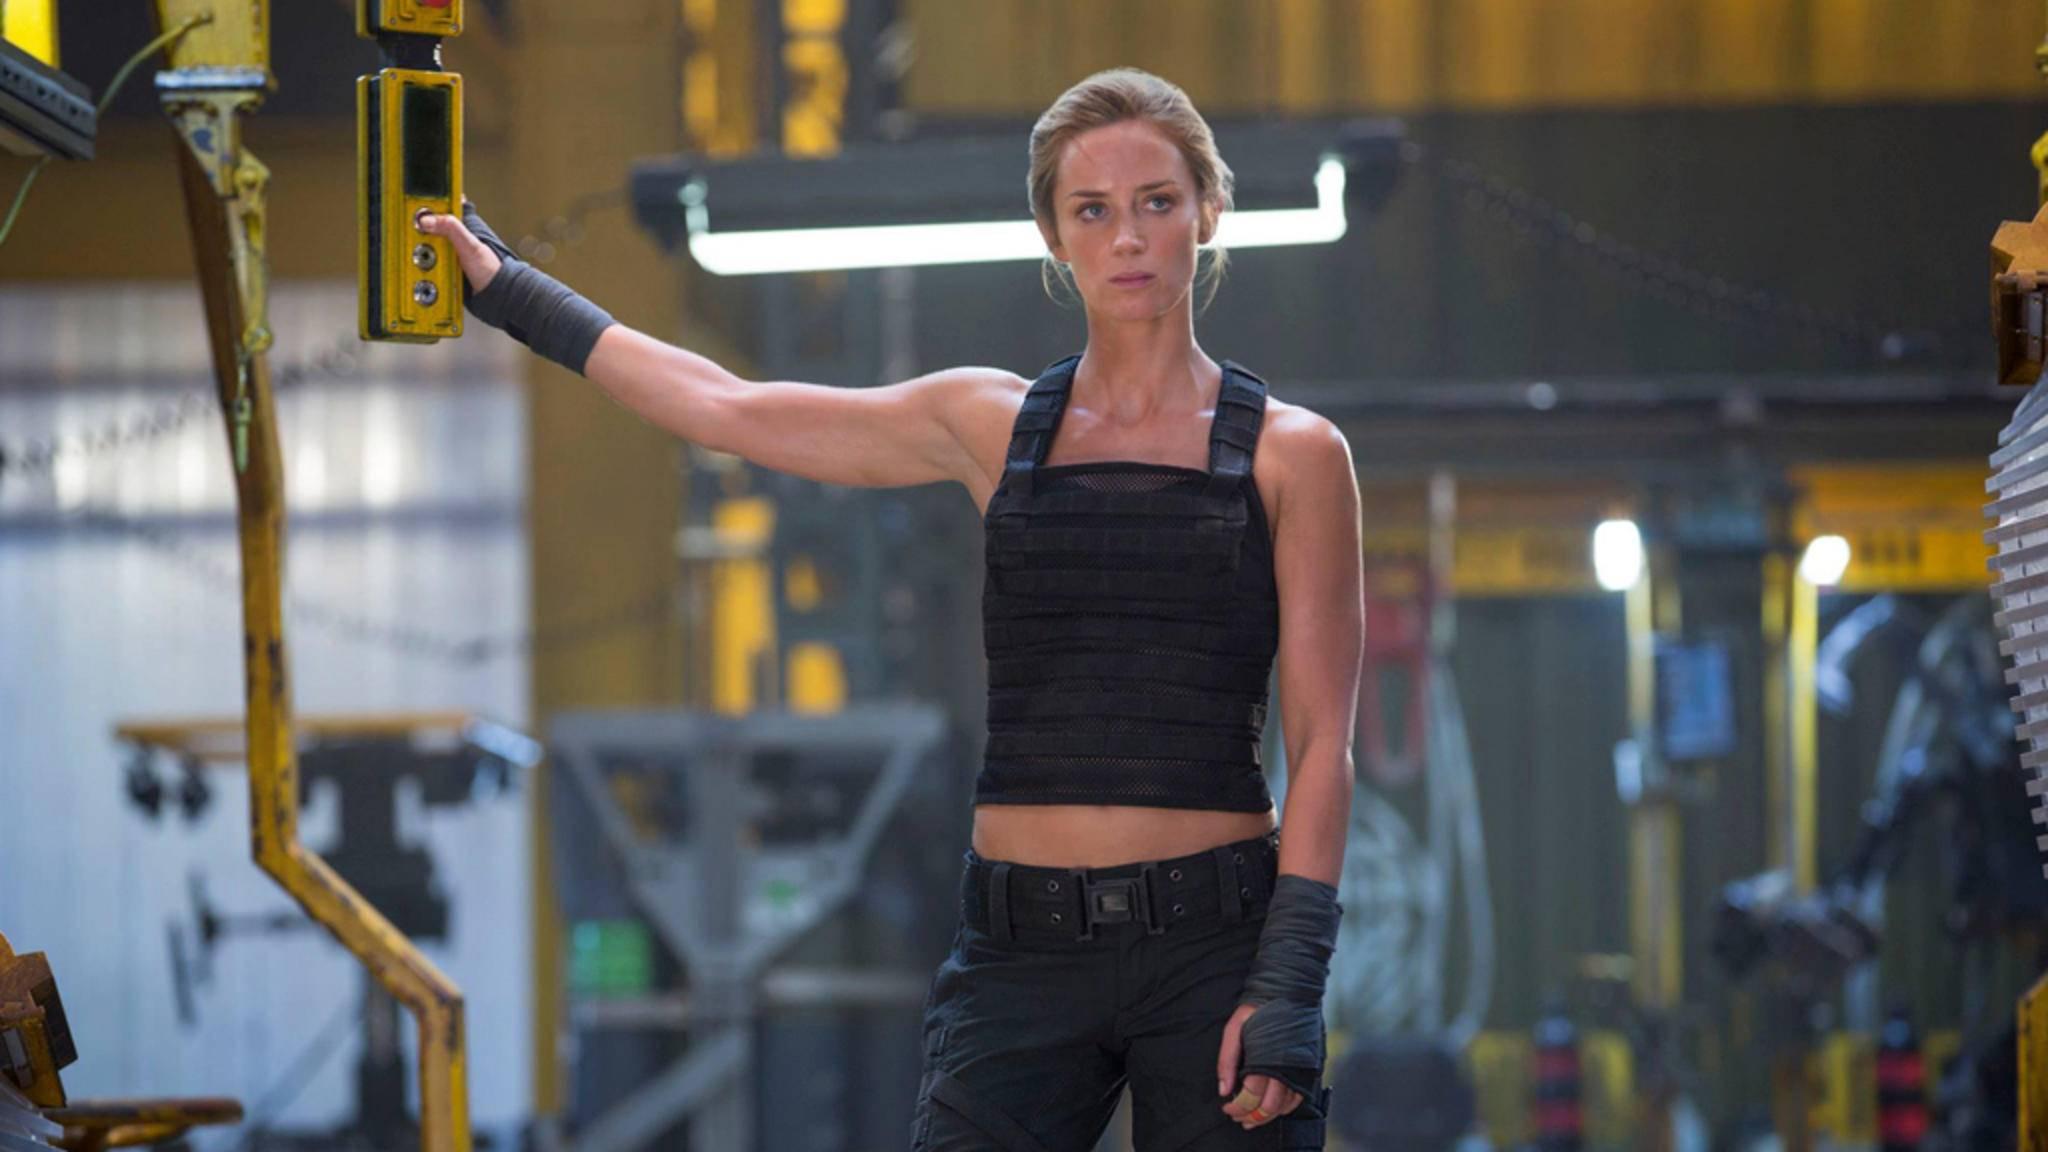 Schönheit trifft auf Todesblick: Emily Blunt wäre eine tolle Besetzung für She-Hulk.